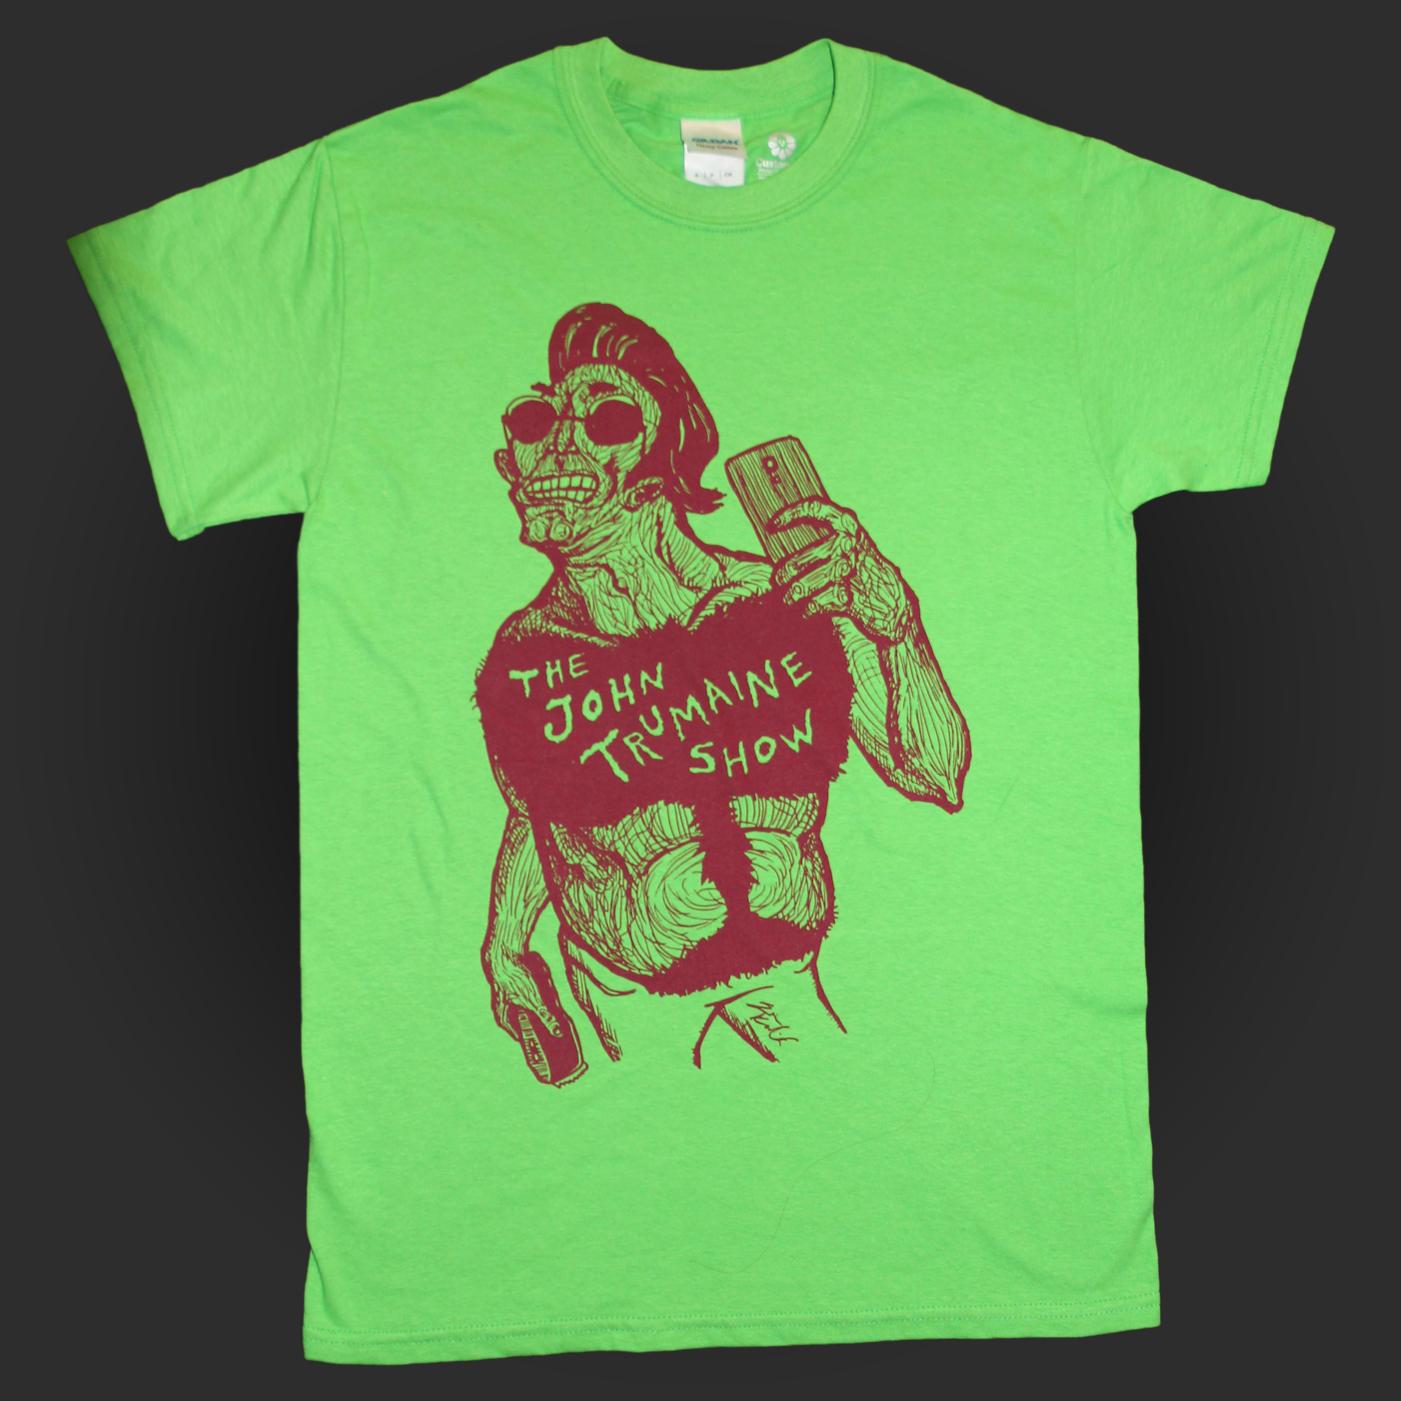 $10 Green Shirt